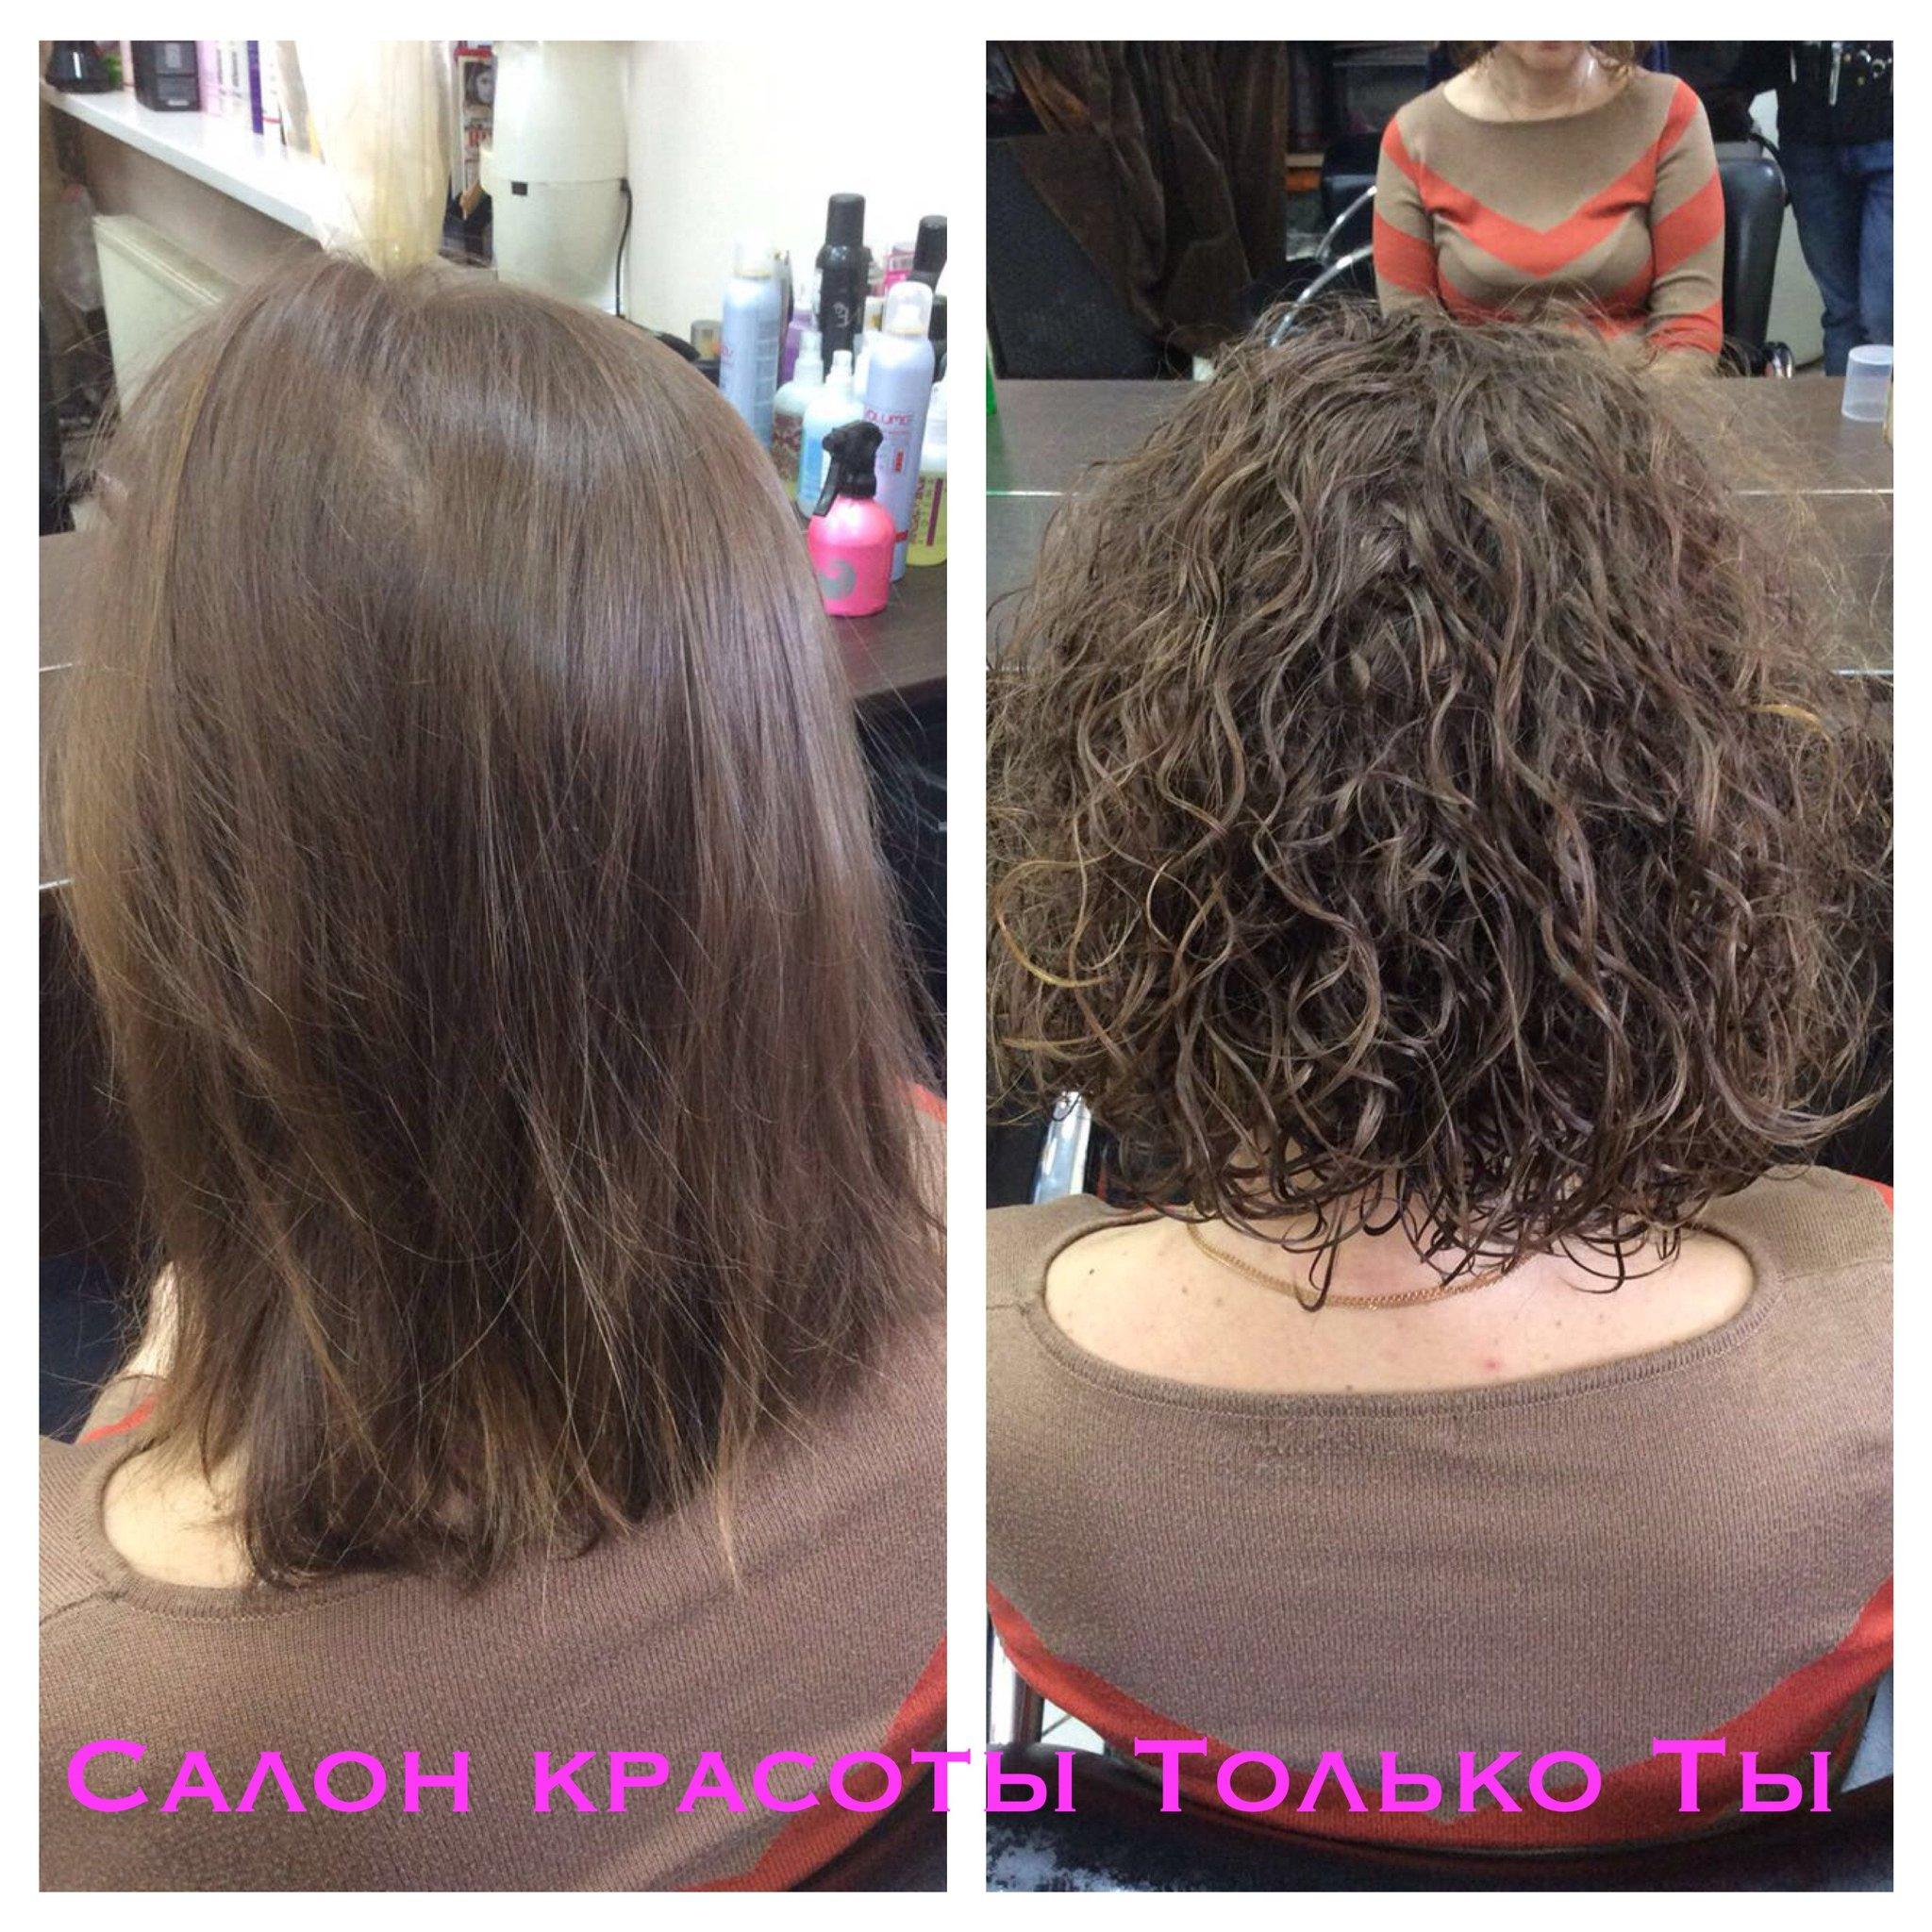 Биозавивка волос на средние волосы: крупные локоны. описание с фото, выбор средства, щадящая формула, размер завитка и особенности ухода после процедуры